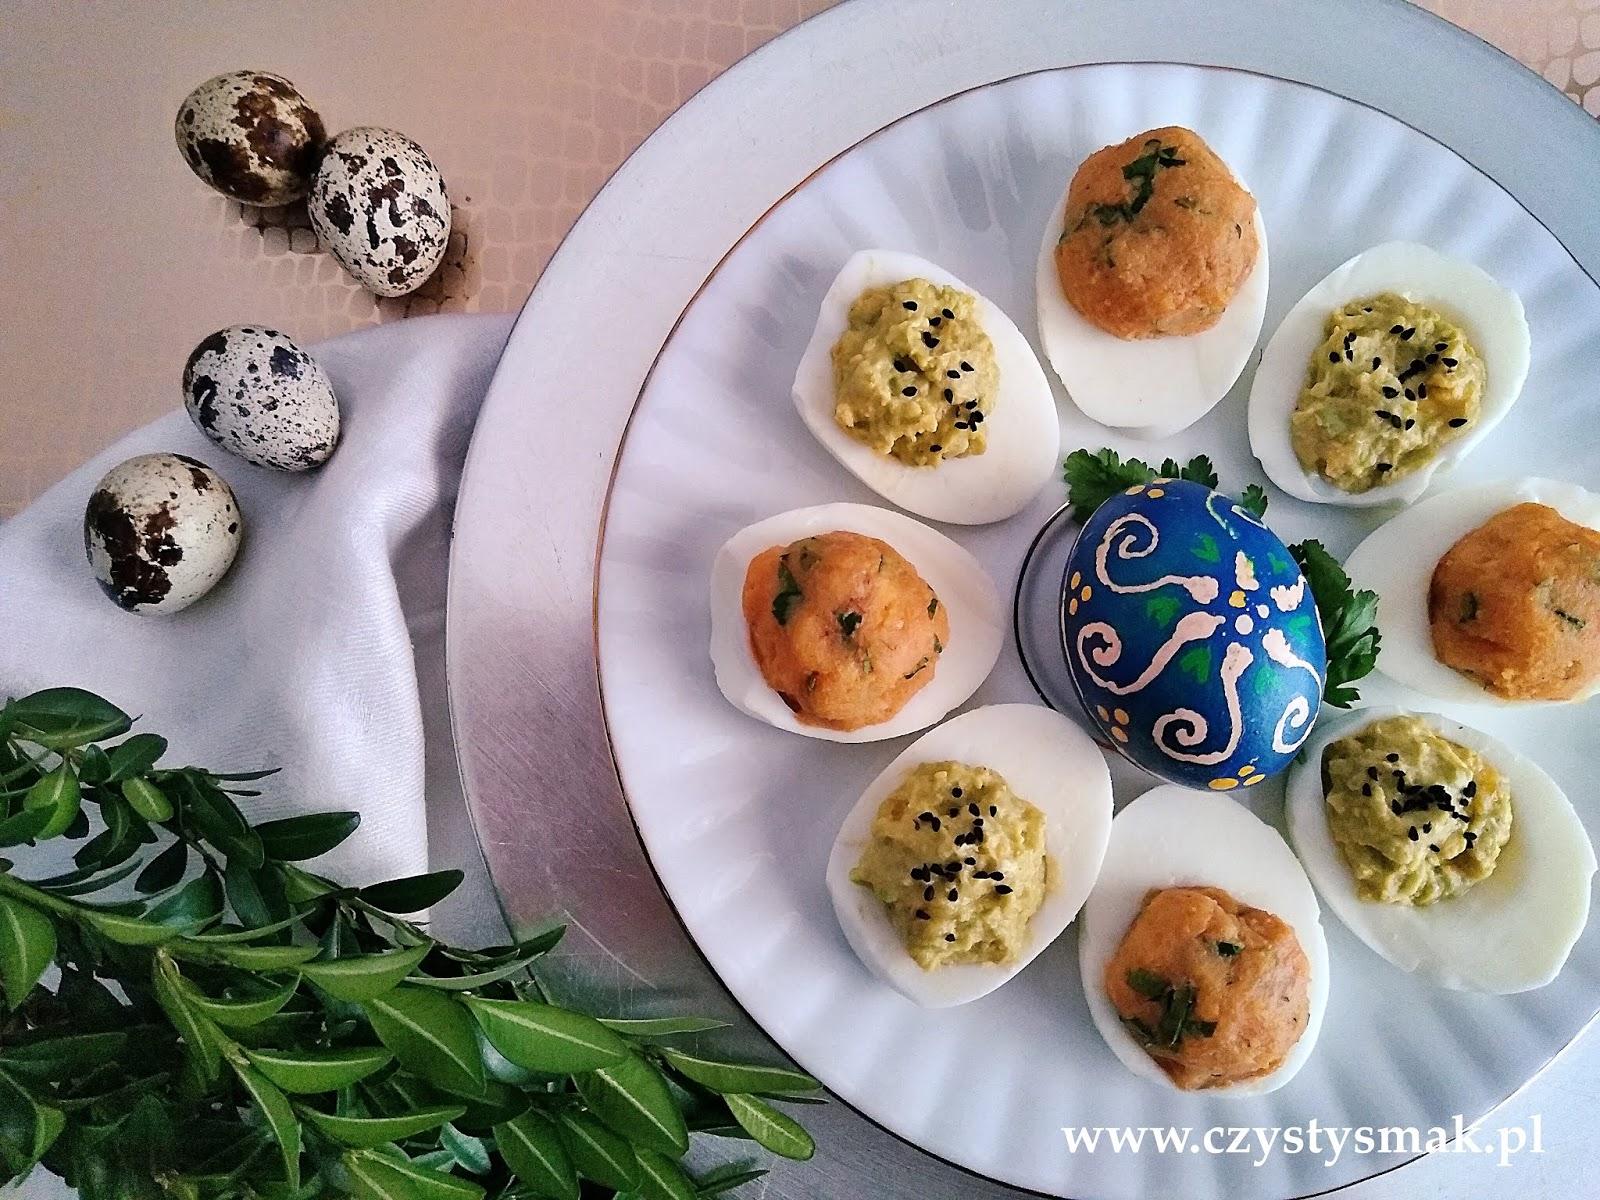 Jajka faszerowane bez majonezu